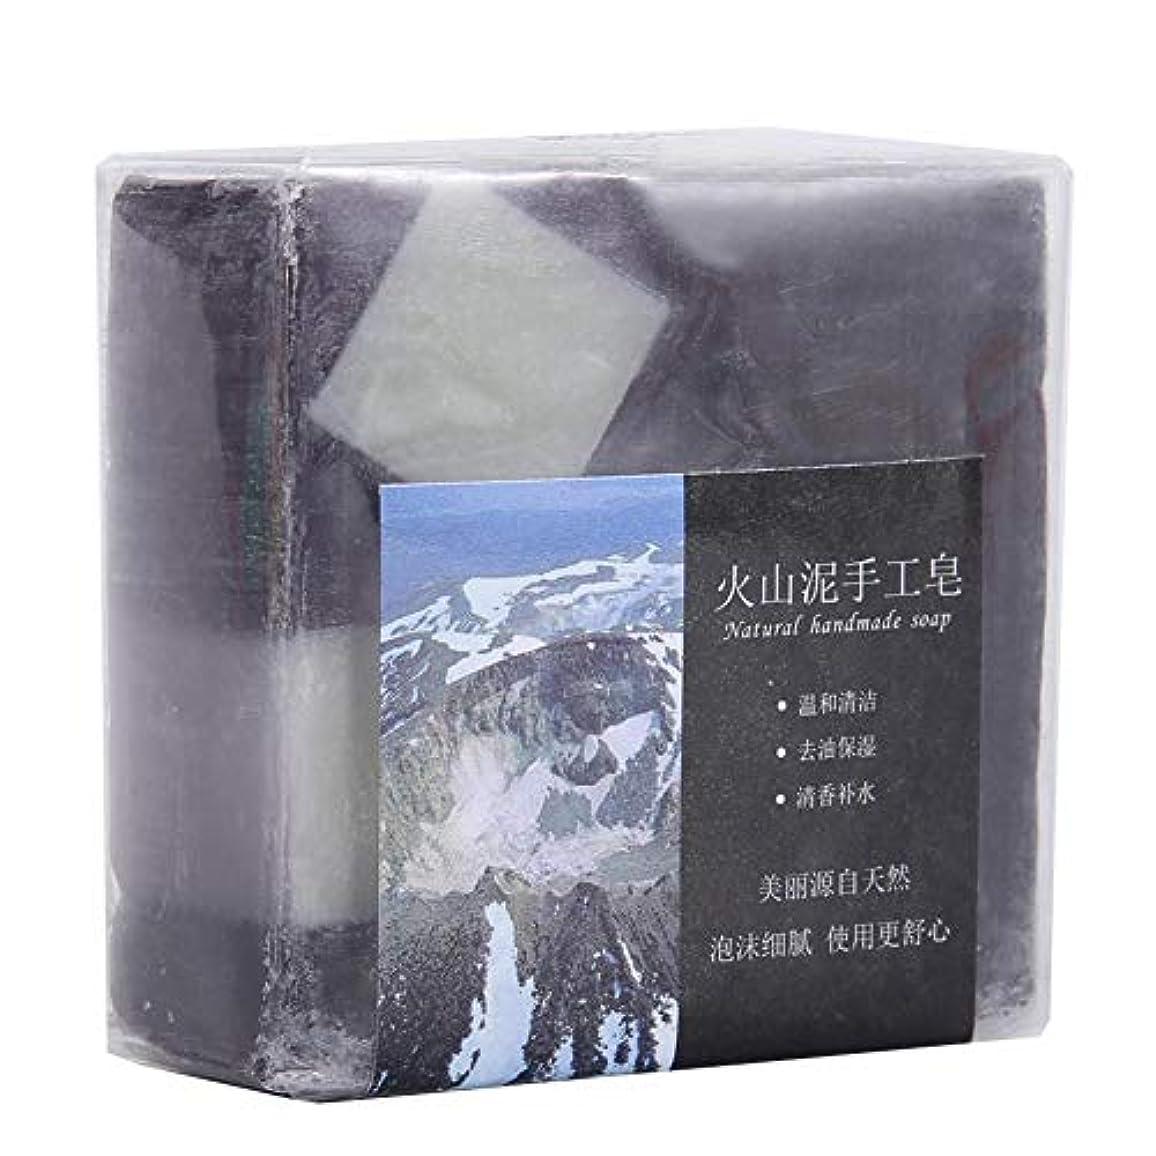 コロニーサッカー水差しディープクリーニング 火山泥 ハンドメイドグリース 保湿石鹸用 100 G 手作り石鹸